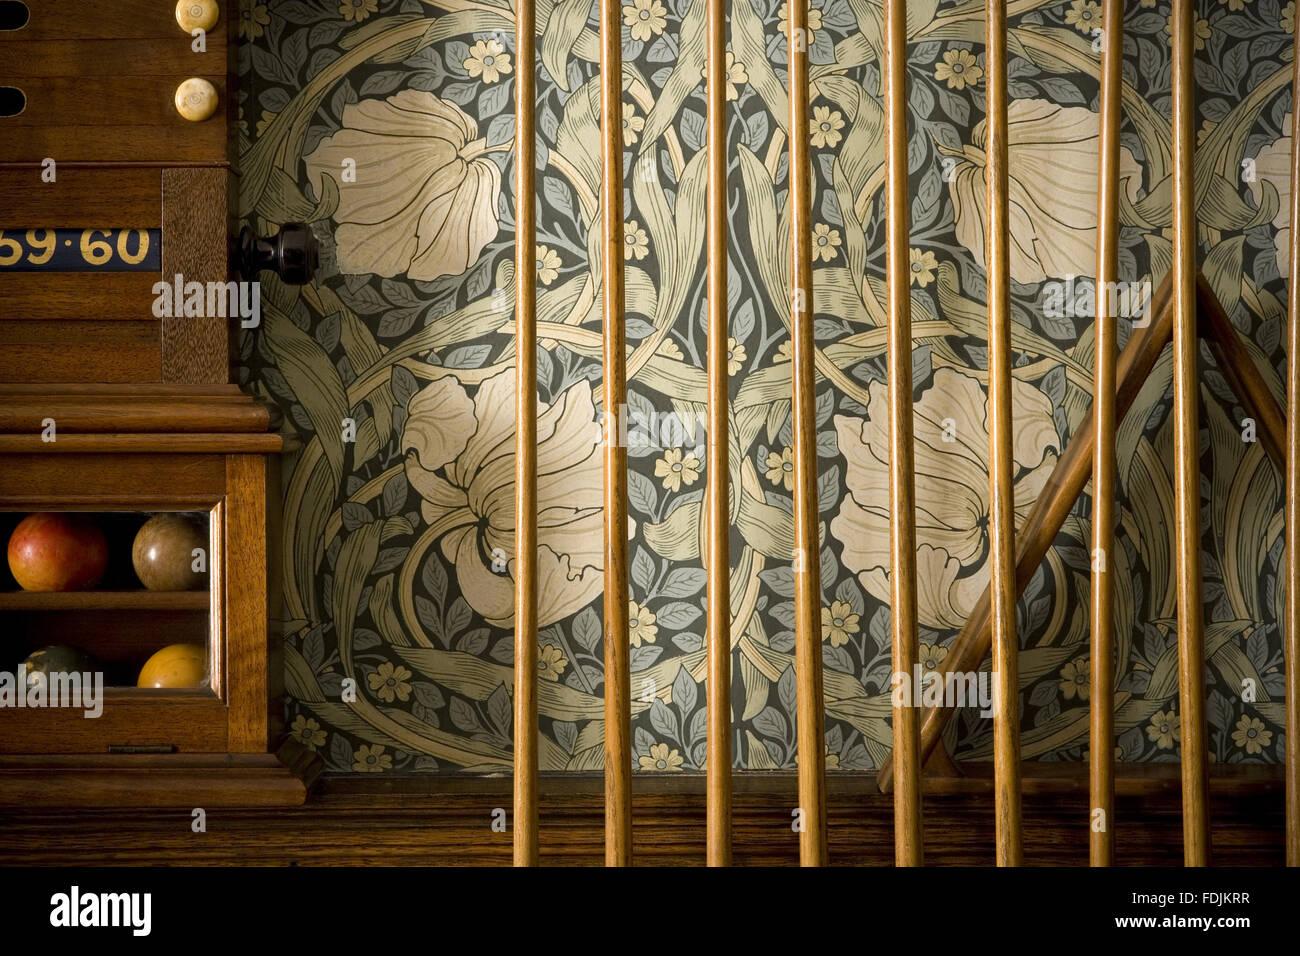 Detail aus der Billardraum mit hinweisen, die gegen die William Morris Pimpernel Tapete ausgekleidet, und Teil des Stockbild